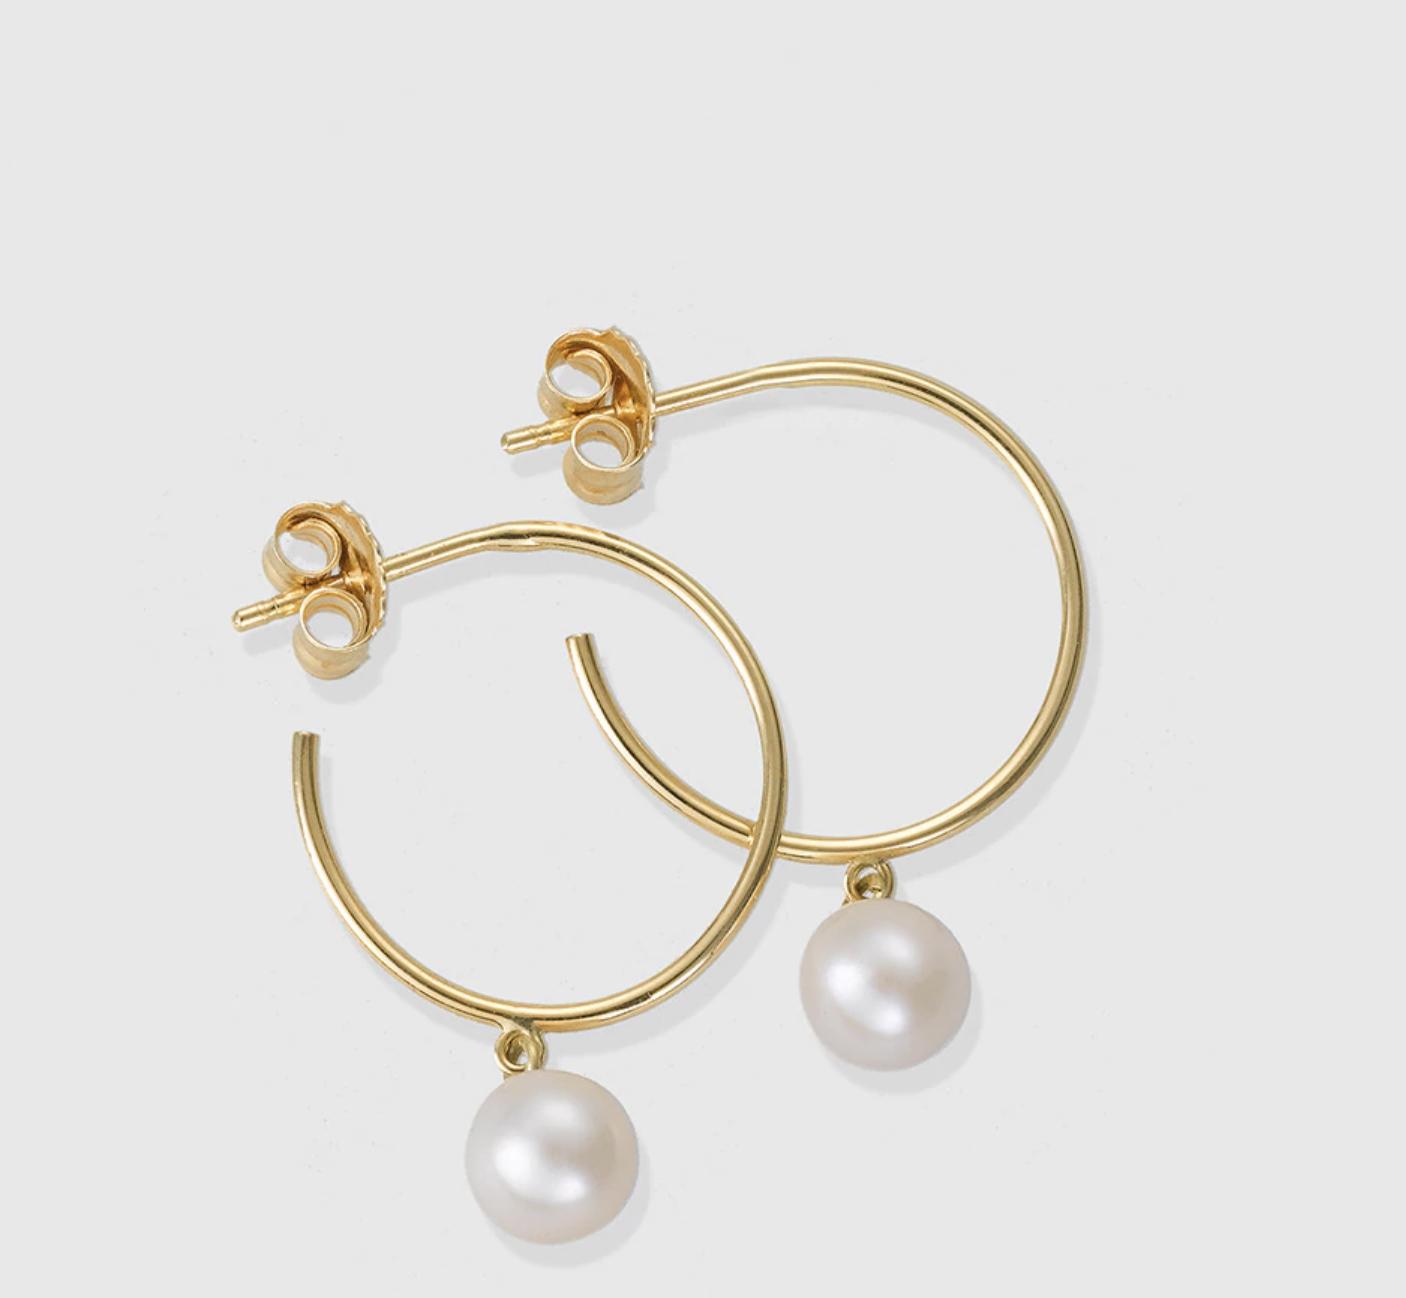 Pendientes en oro y perlas El Corte Inglés